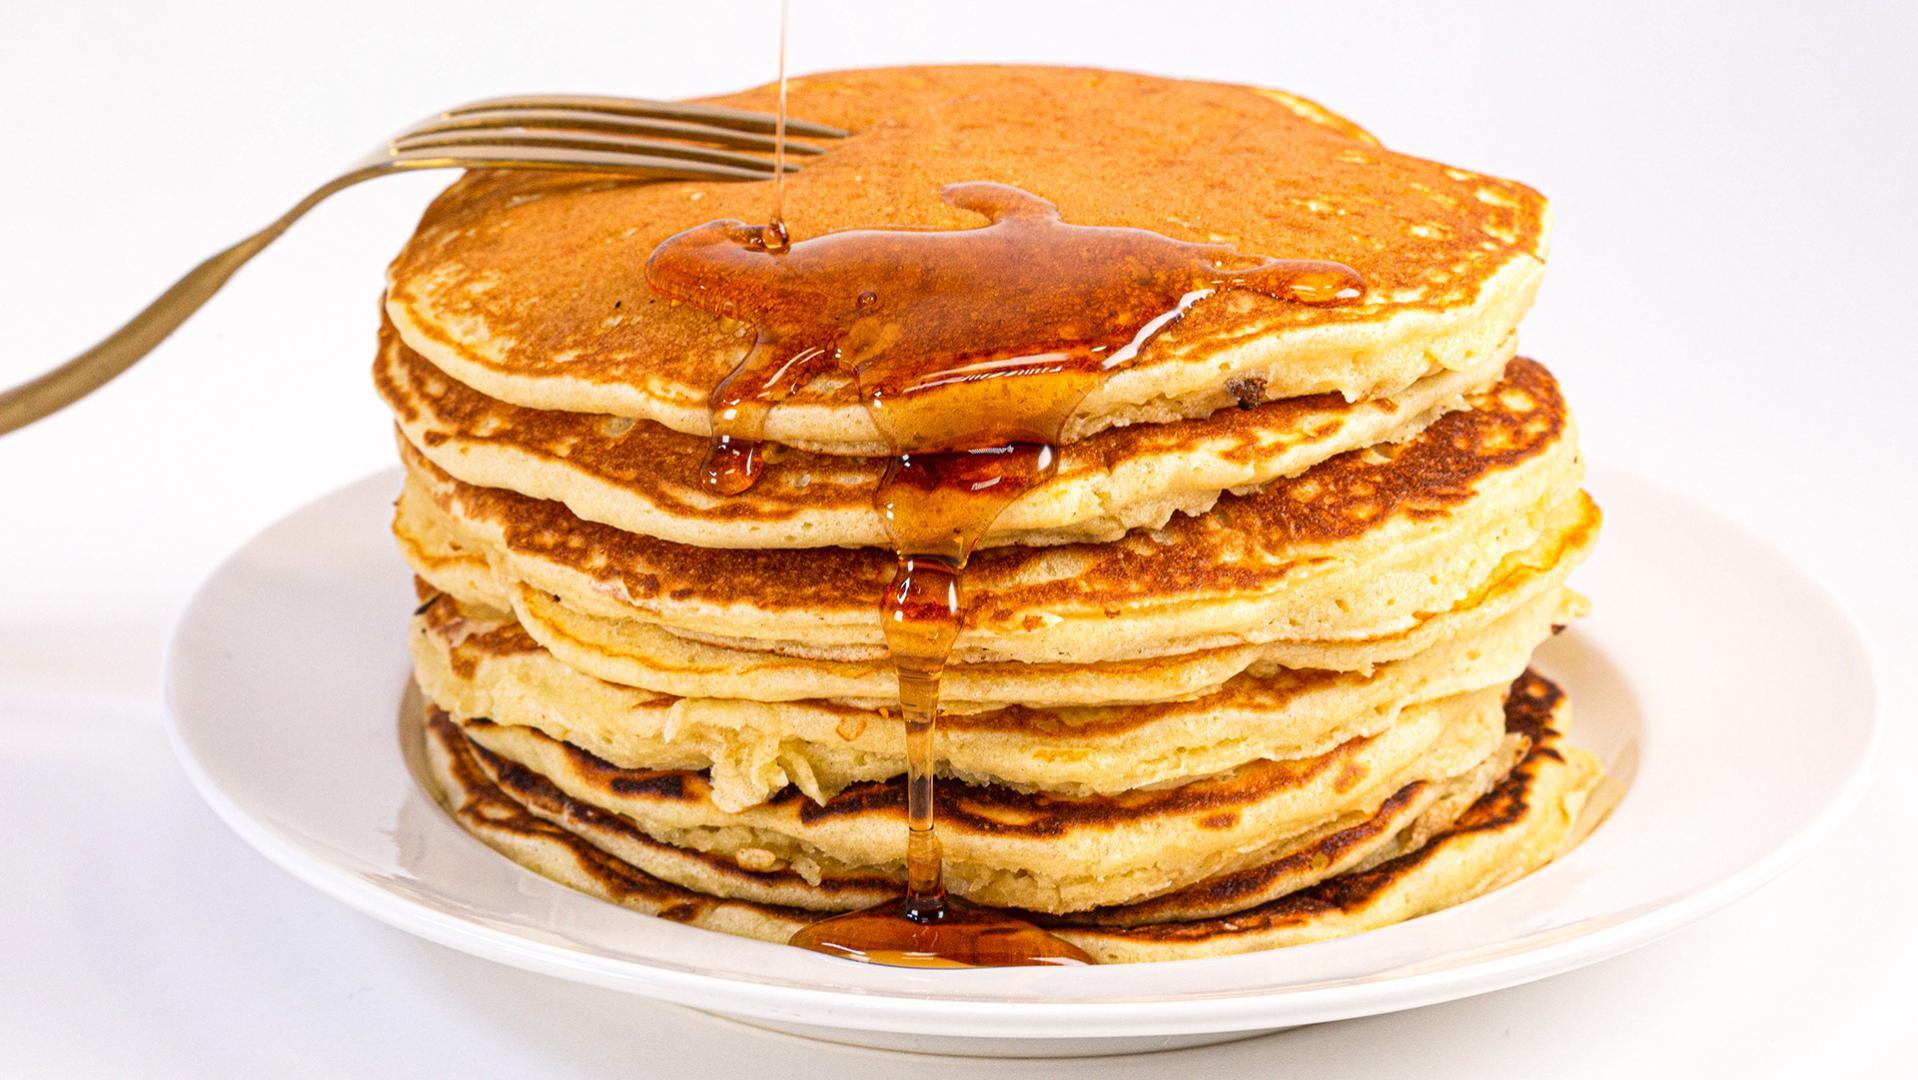 pancakes.jpg?itok=_b20Usqy